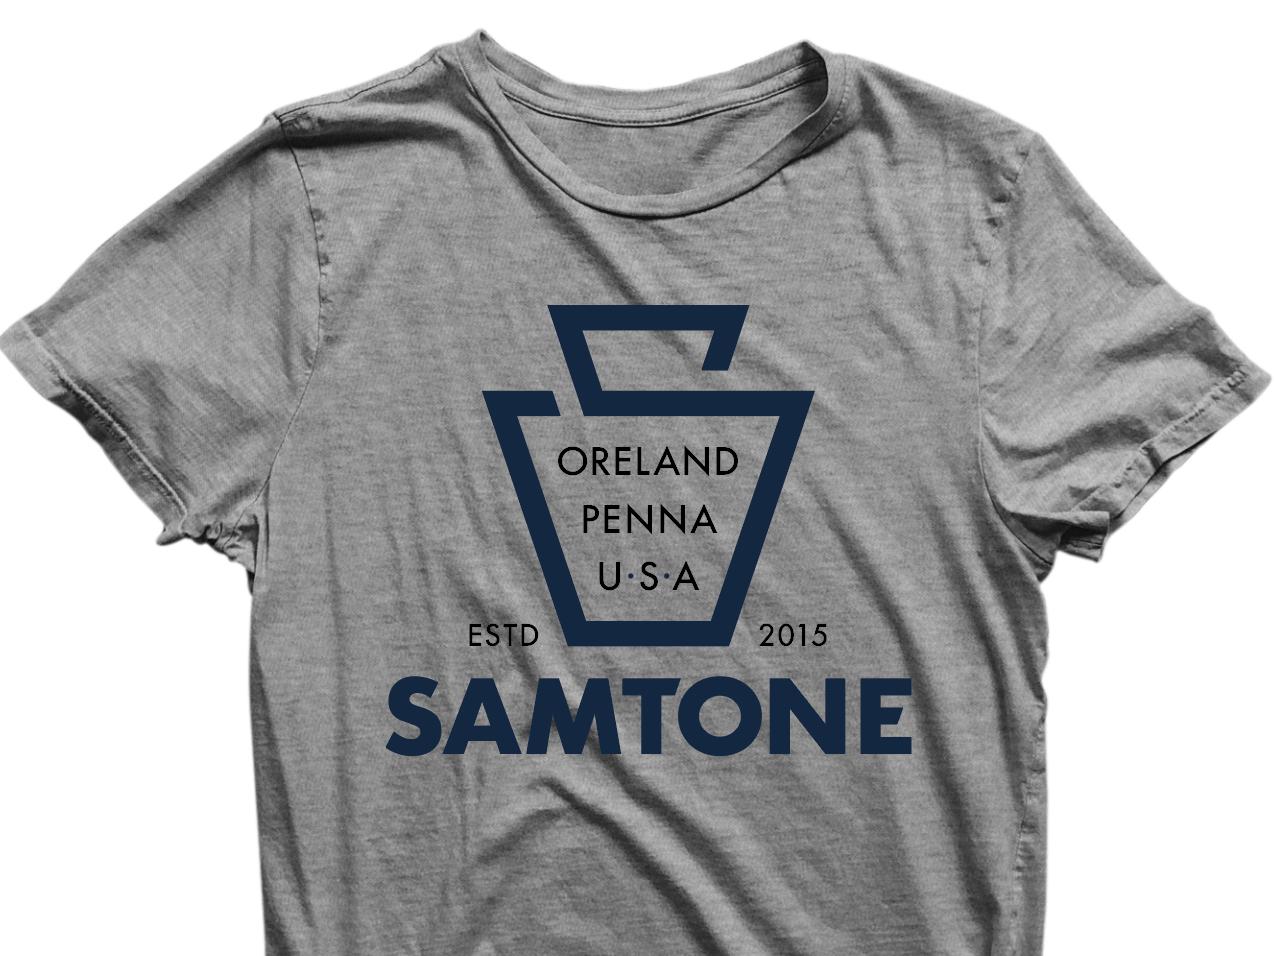 Samtone keystone s branding identity designer identity design logo design identity penna pennsylvania pa